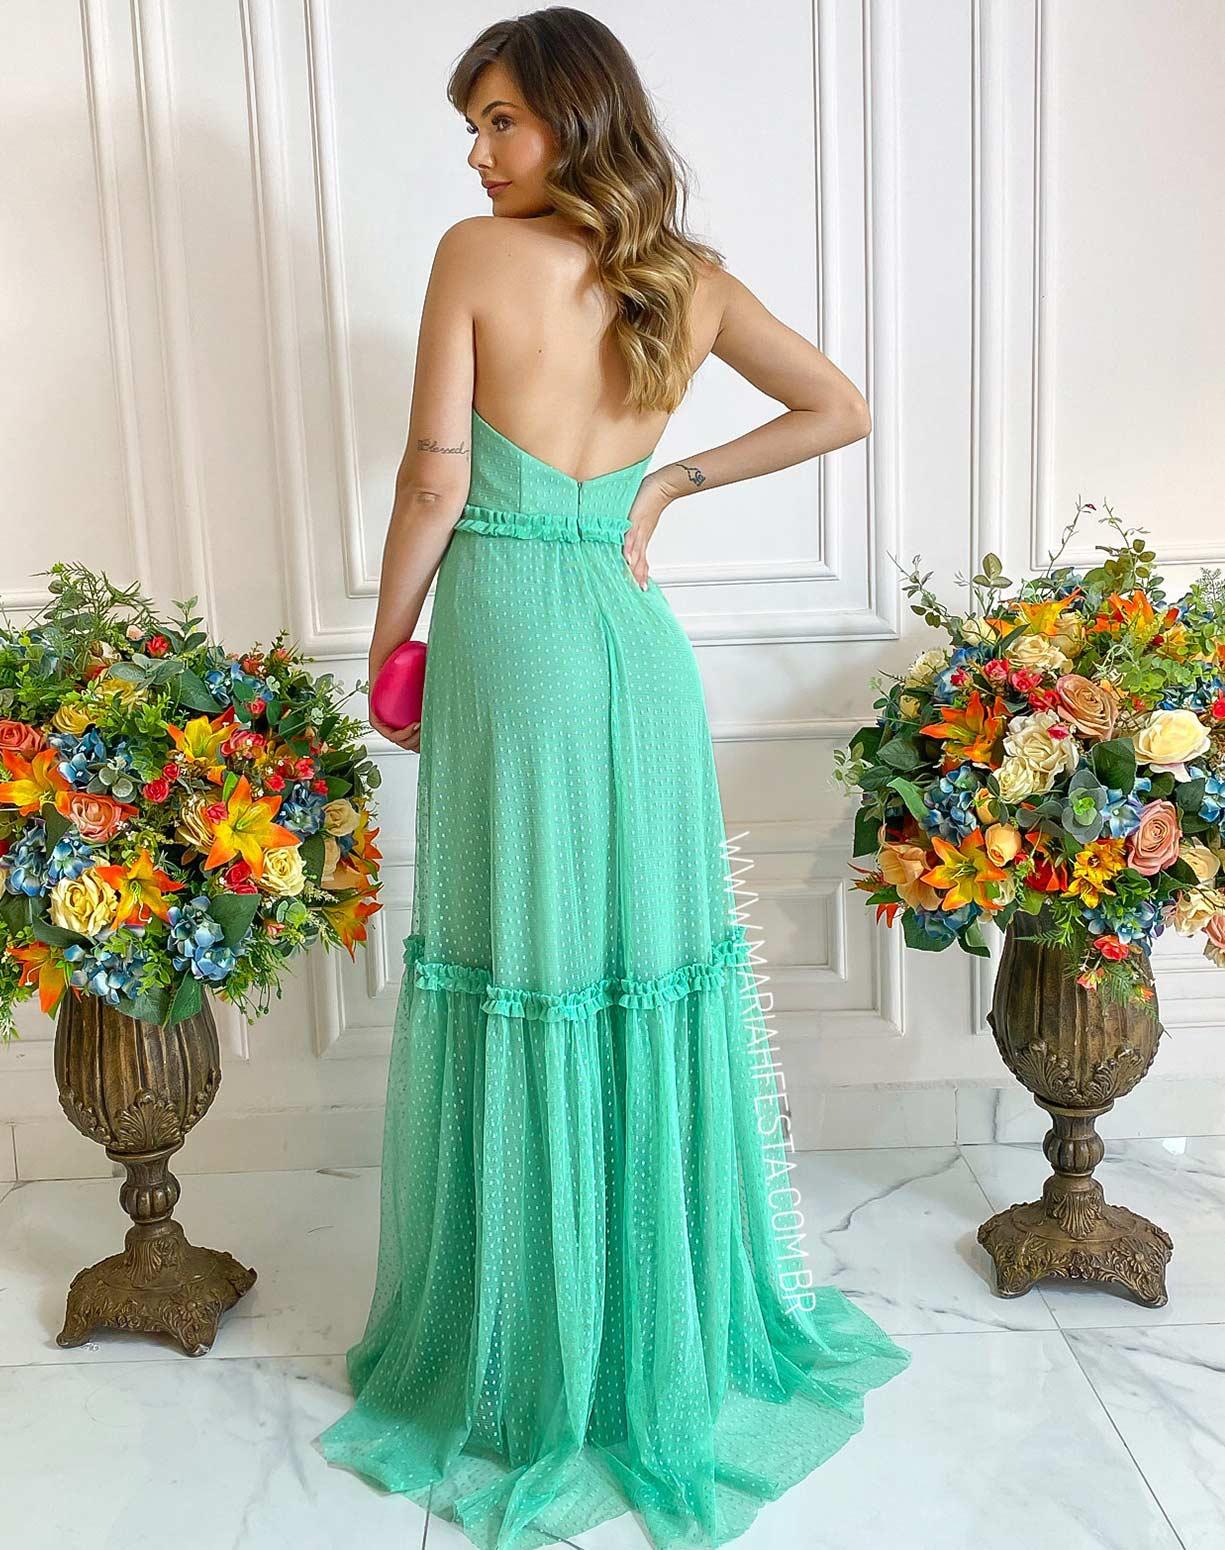 Vestido Frente Única Verde Água em Tule Texturizado